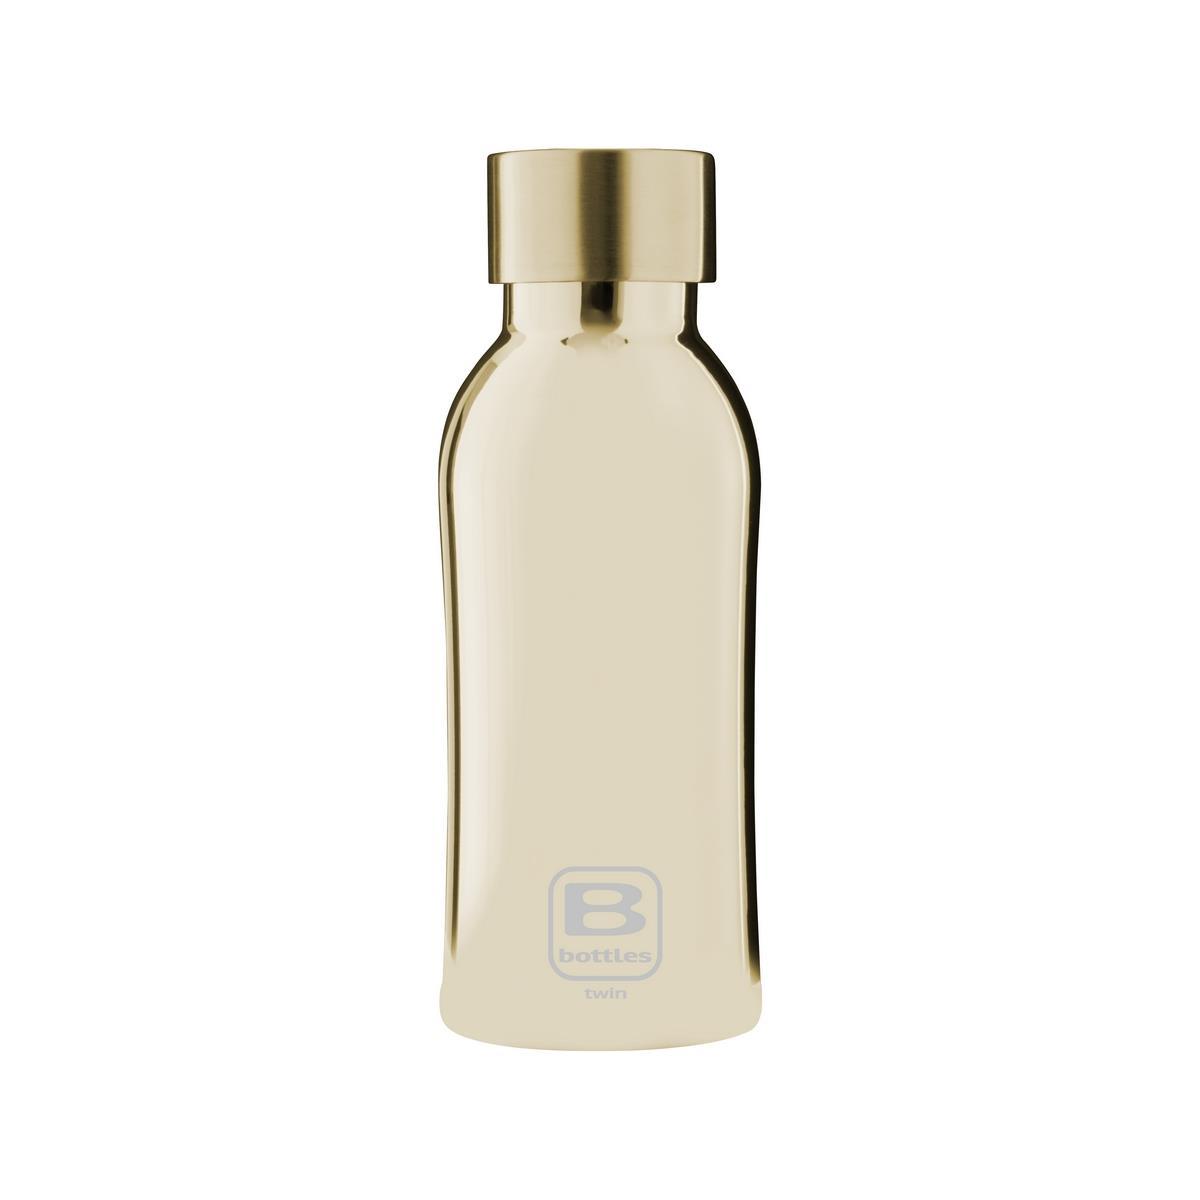 B Bottles Twin - Yellow Gold Lux - 350 ml - Bottiglia Termica a doppia parete in acciaio inox 18/10